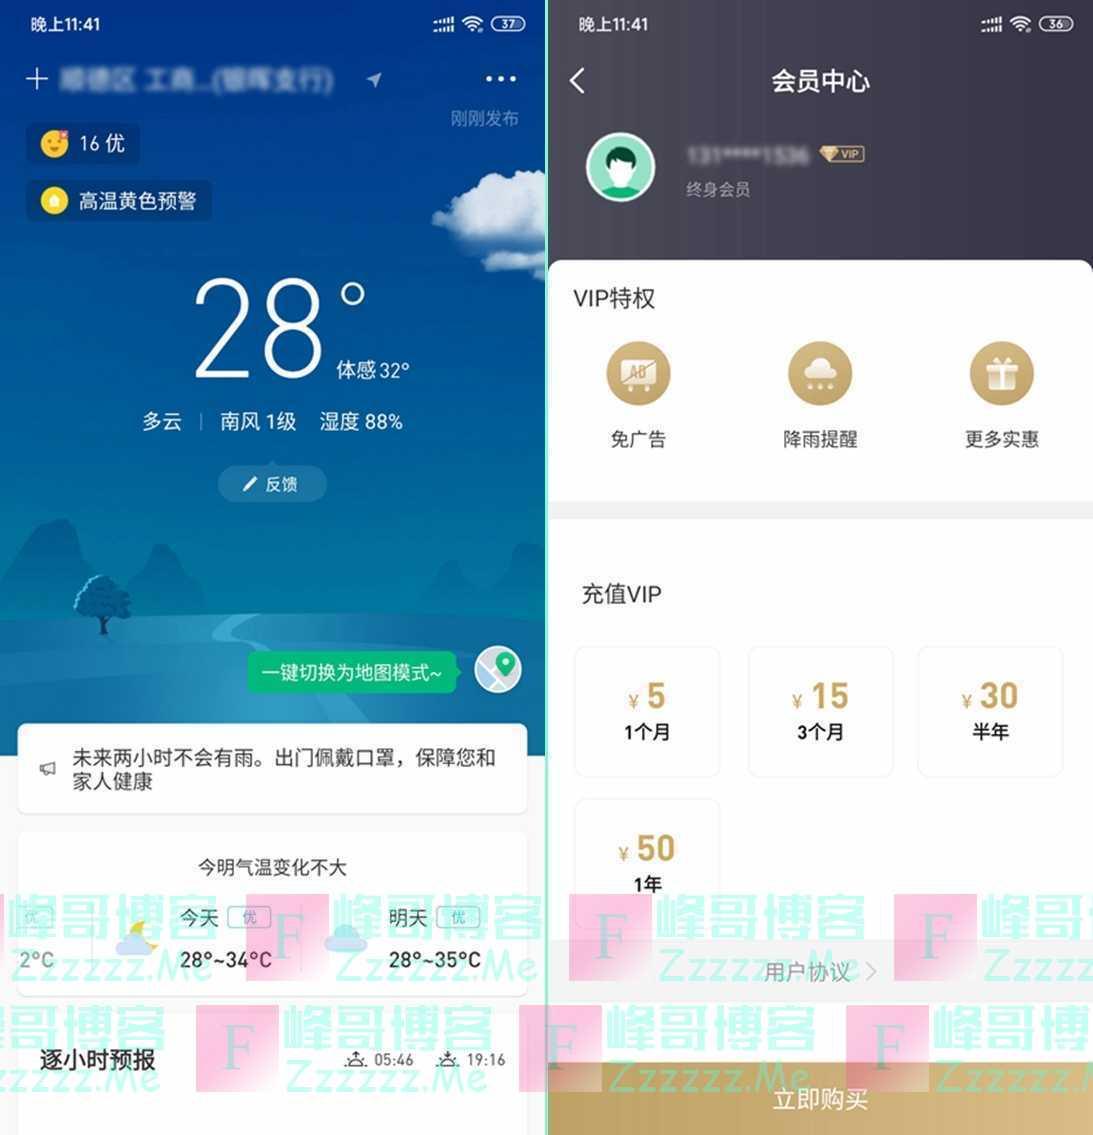 安卓彩云天气V5.0.22 彩云天气永久VIP会员去广告破解版下载